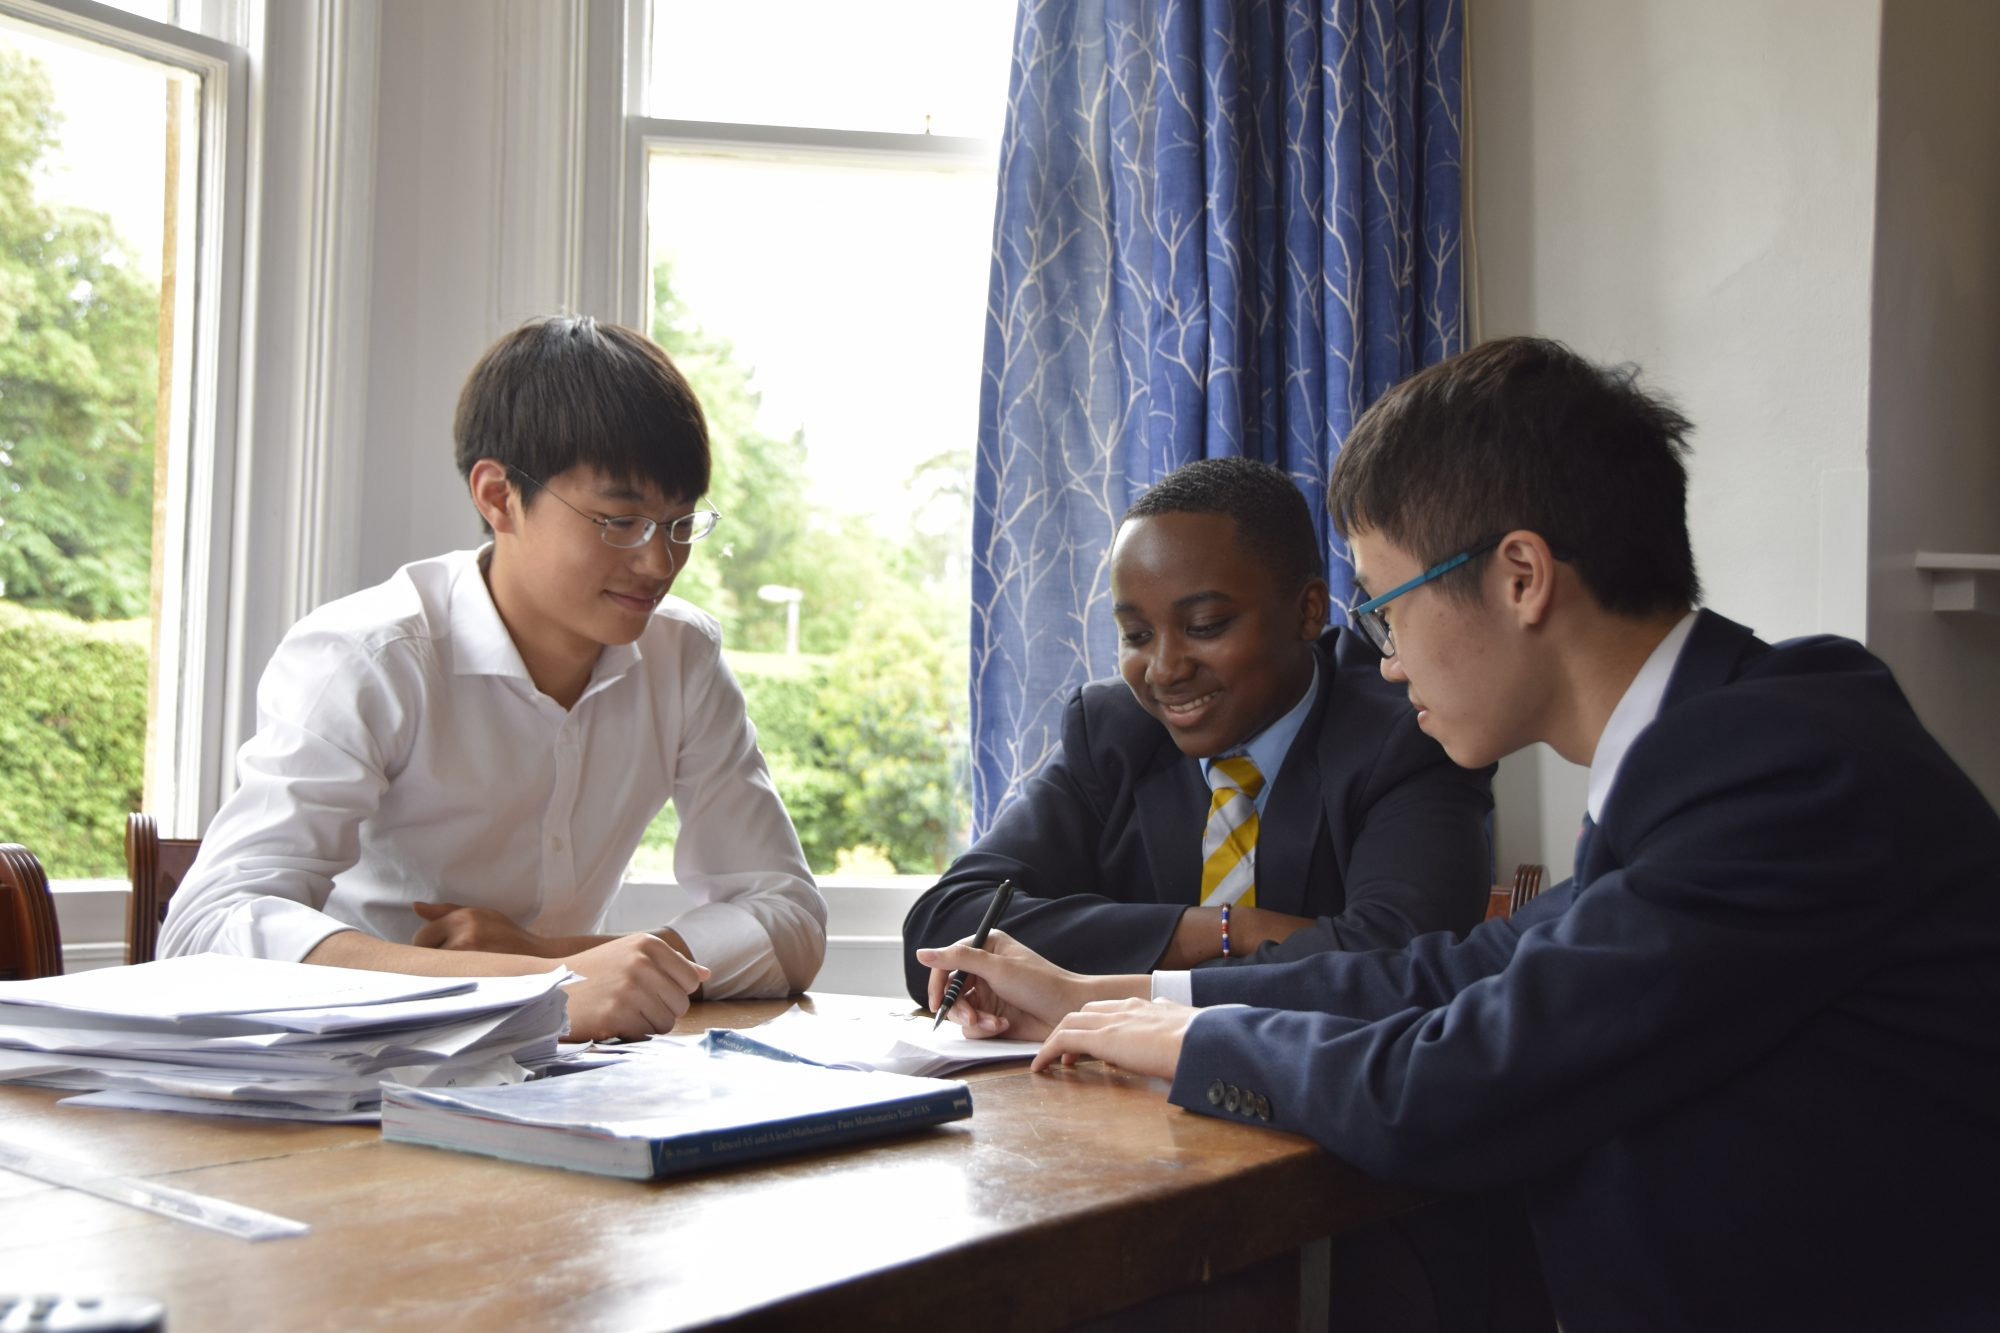 Abingdon School boarding pupils